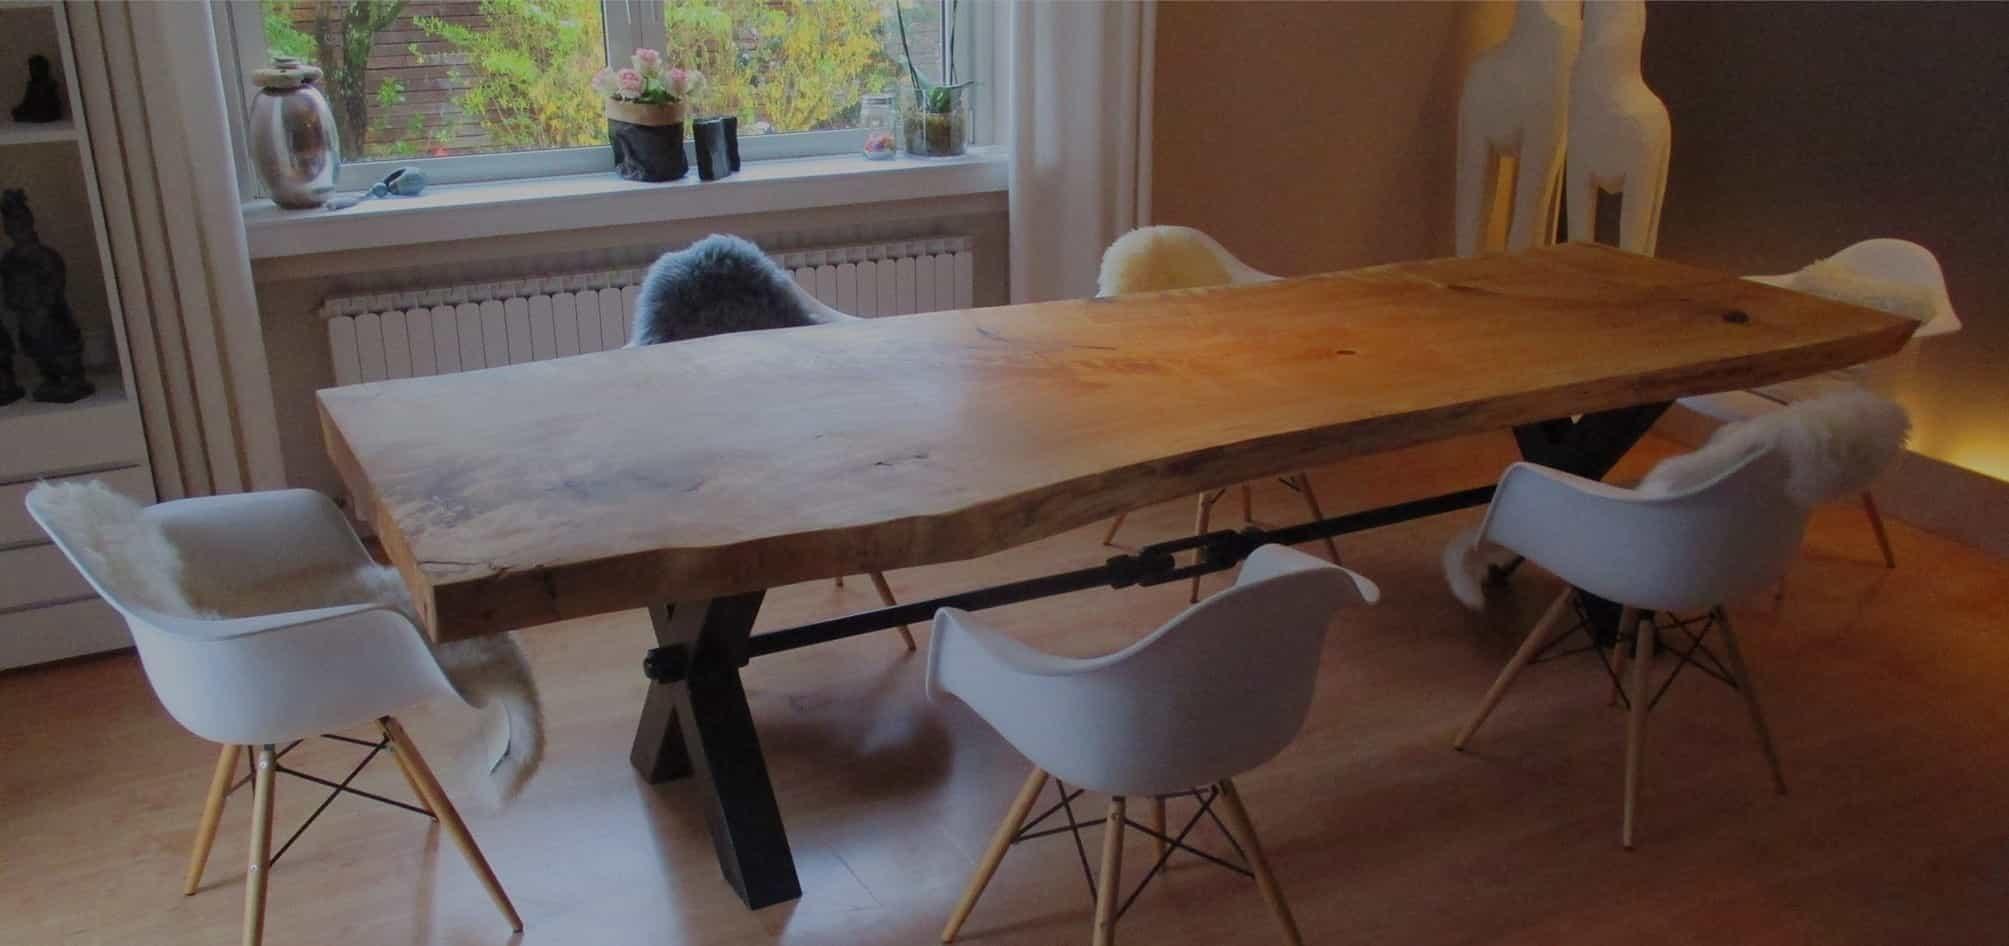 der-stammtisch-rustikale-tischplatten-aus-eiche-2